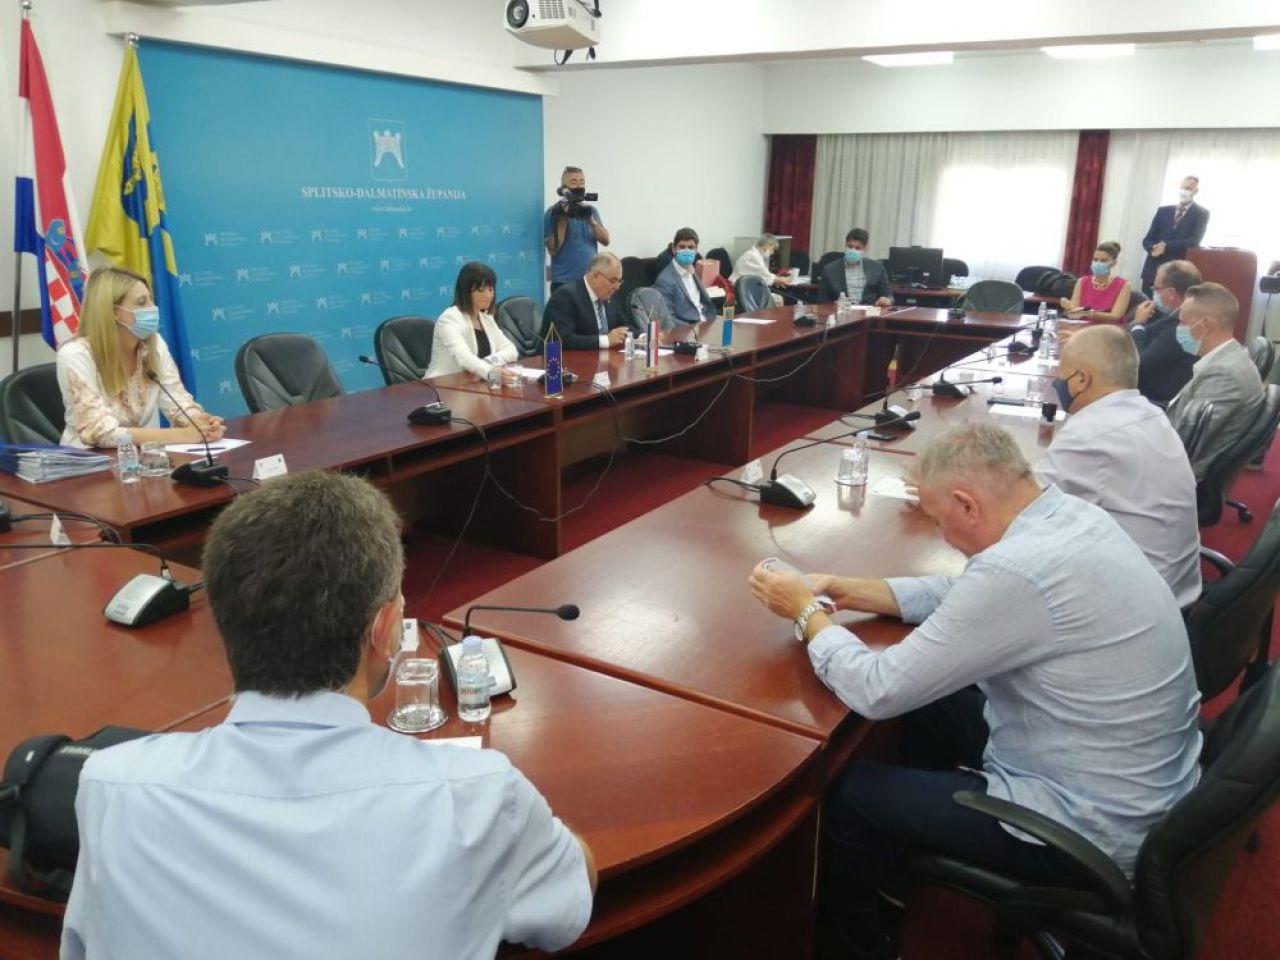 Video: Ministrica Tamišak u Splitu uručila sedam ugovora o sufinanciranju projekata vrijednih 22 milijuna kuna